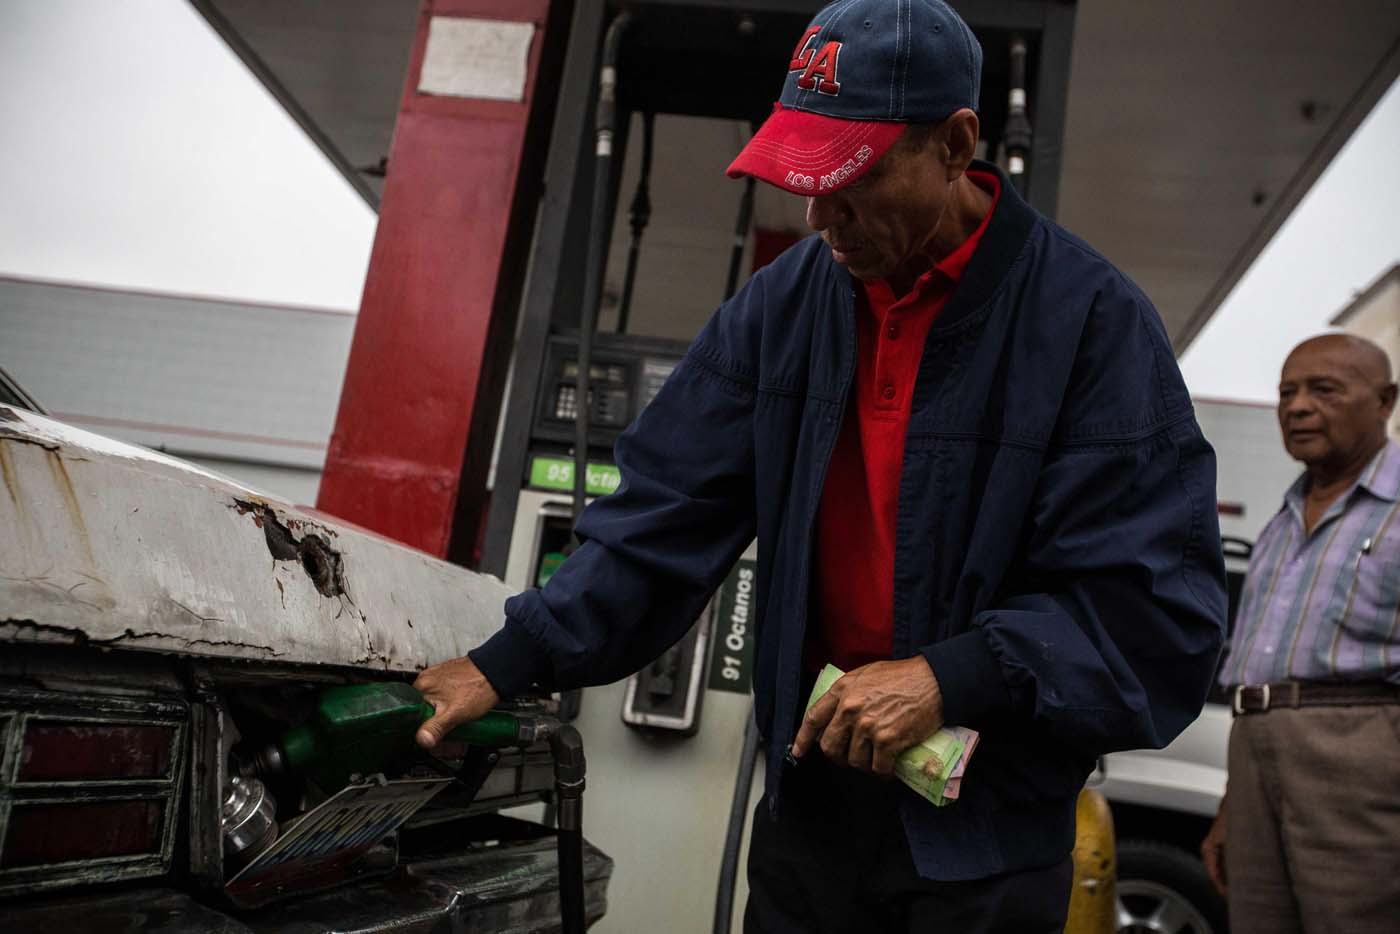 CAR303. CARACAS (VENEZUELA), 24/03/2017.- Un hombre llena el tanque de combustible de un vehículo hoy, viernes 24 de marzo de 2017, en una estación de gasolinaen Caracas (Venezuela). Decenas de estaciones de servicio en Venezuela amanecieron hoy con vehículos en cola para abastecerse de gasolina, luego de que la estatal Pdvsa reportara el pasado miércoles un retraso en el transporte de combustible y se registrasen fallos de suministro en al menos cuatro estados centrales. EFE/CRISTIAN HERNÁNDEZ